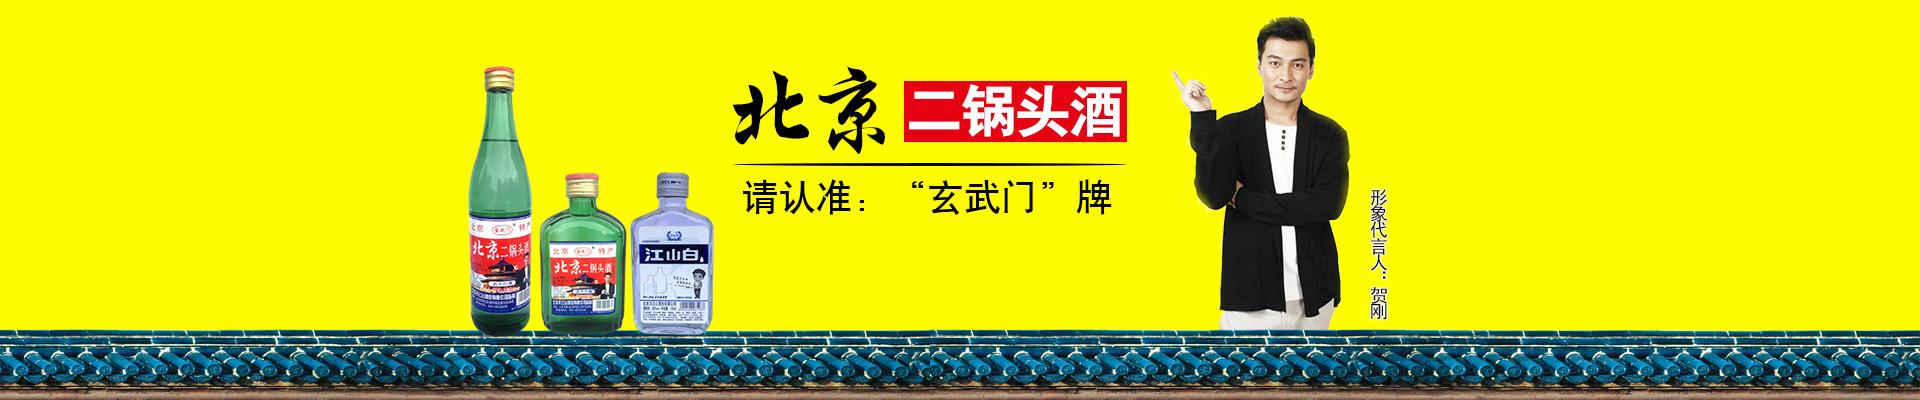 北京天云山酒业有限公司